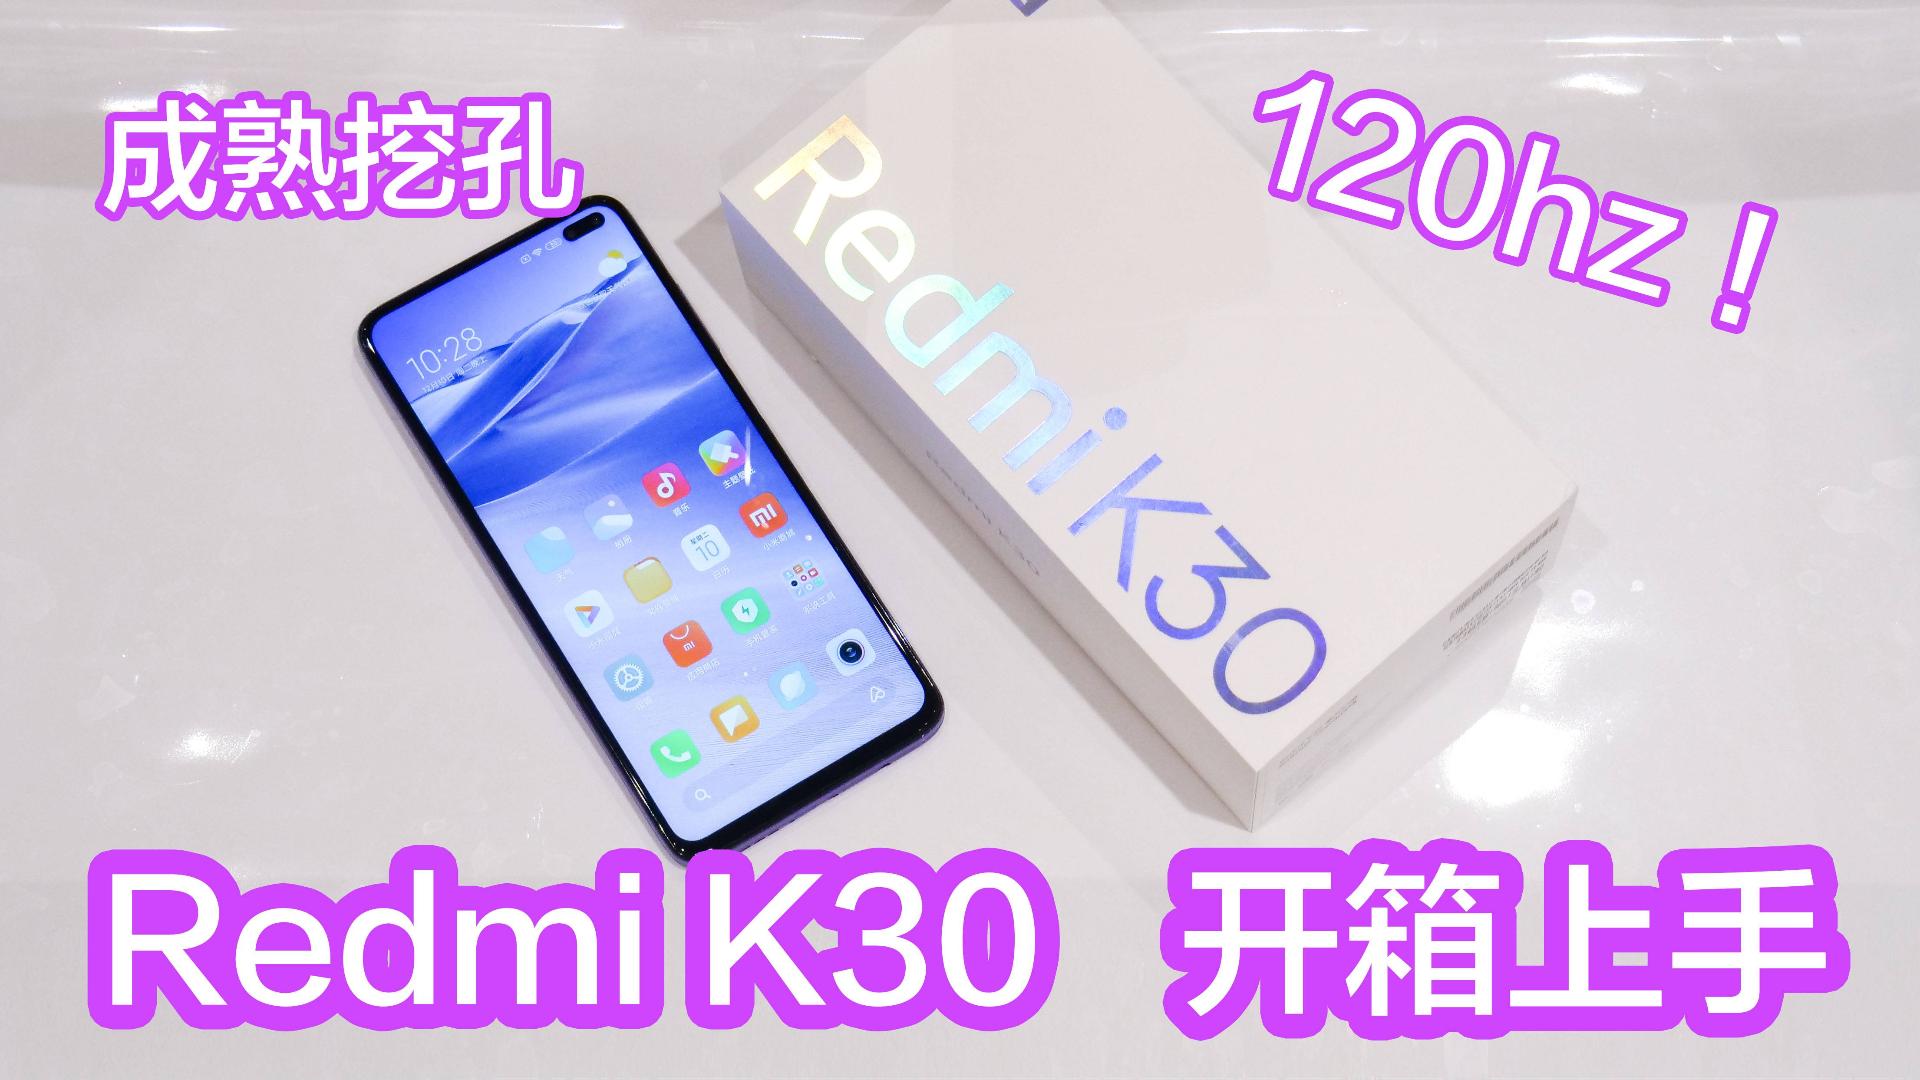 「科技美学现场」Redmi K30开箱上手体验 | 120Hz刷新率 | 首发骁龙765集成5G芯片